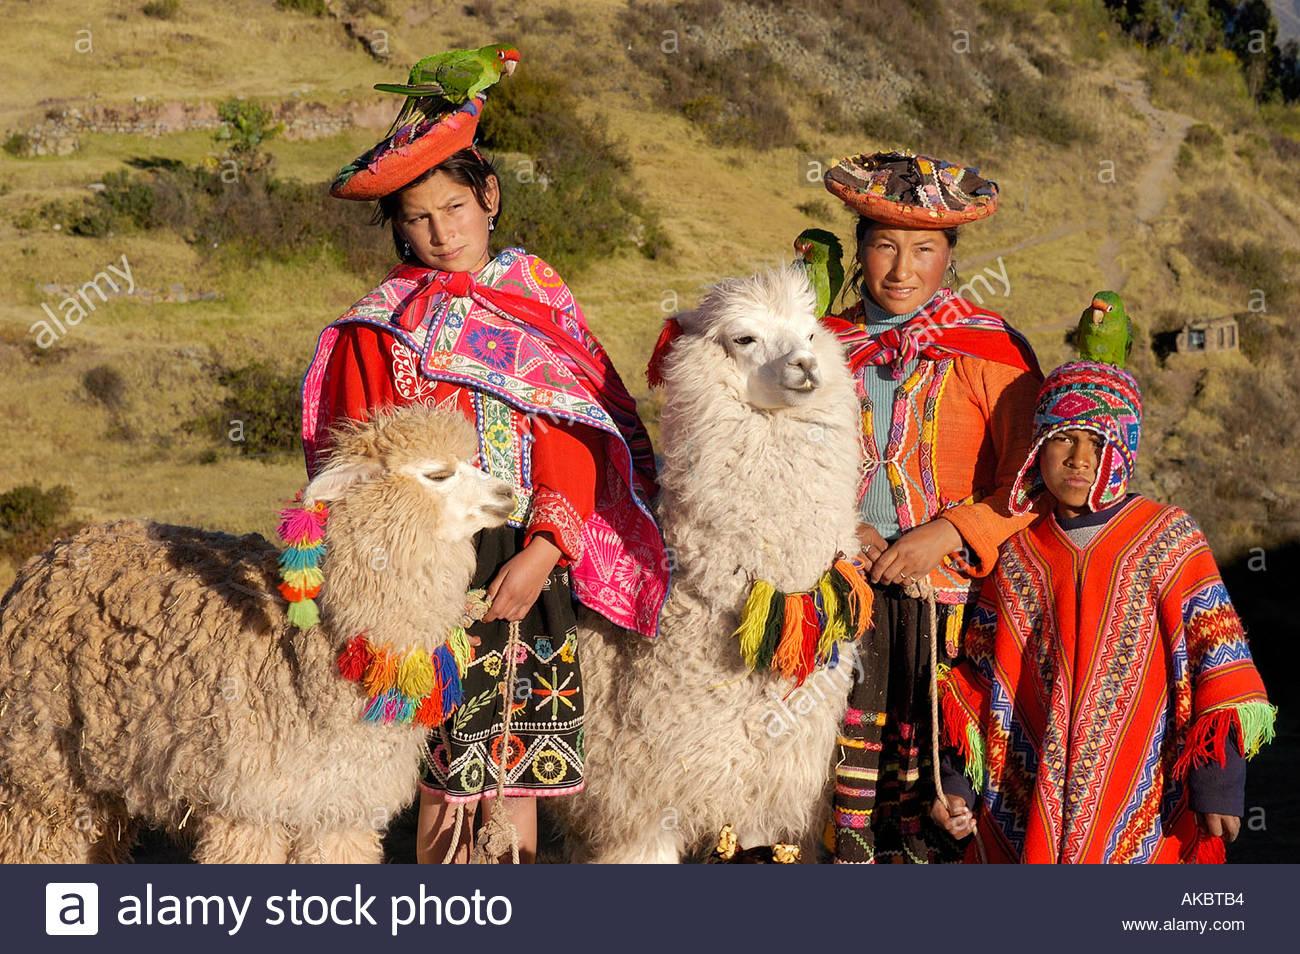 Donna con bambino in abito nativo e Hat Holding Llama Perù Immagini Stock